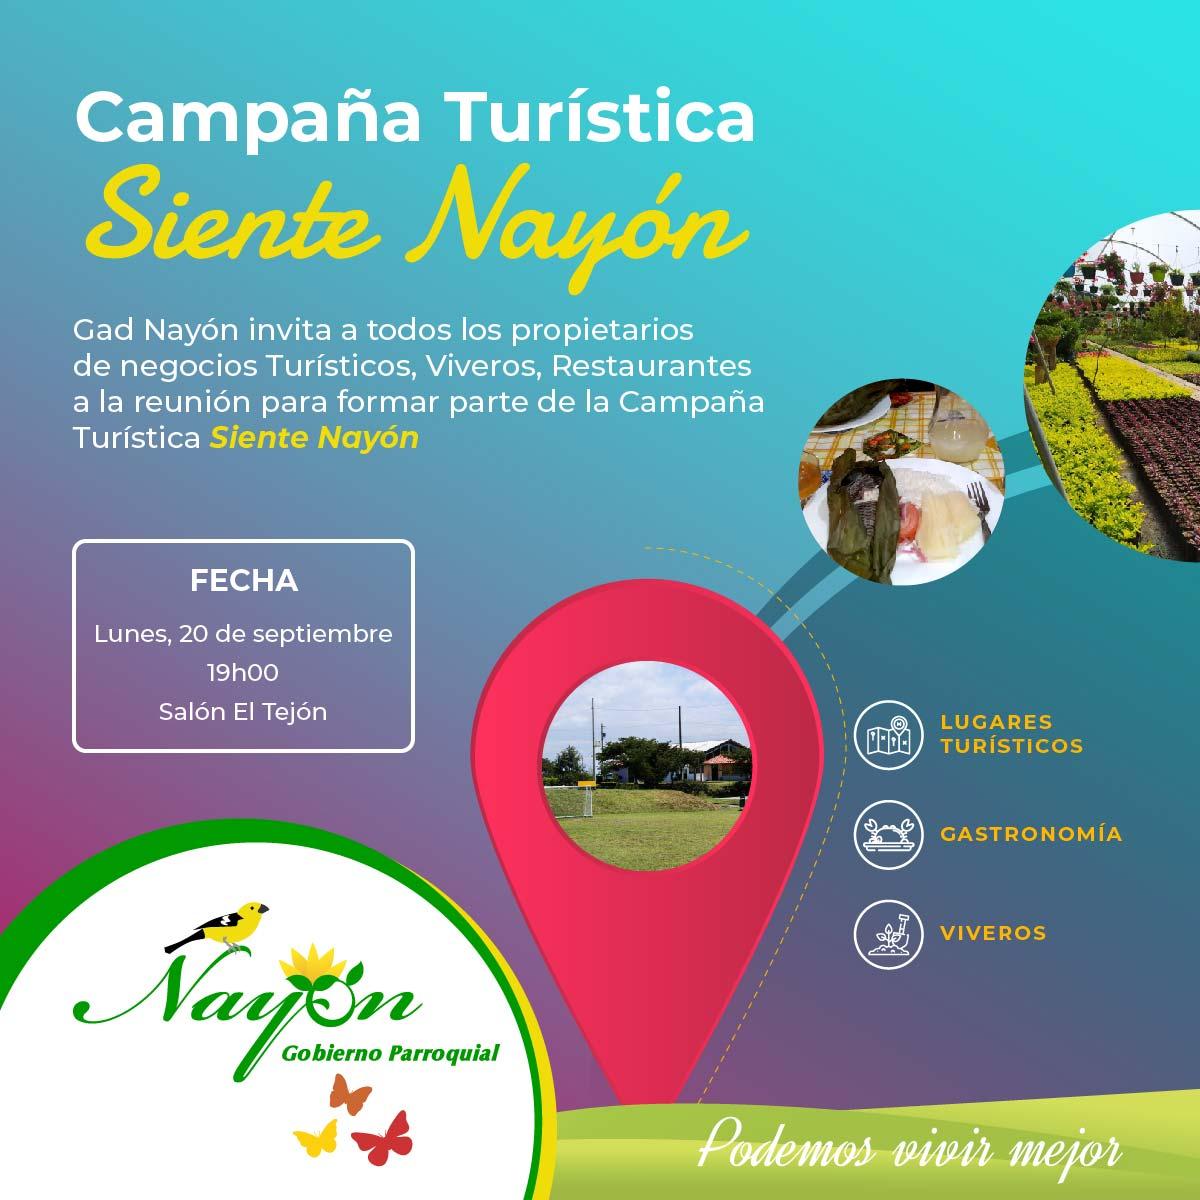 Campaña Turística Siente Nayón